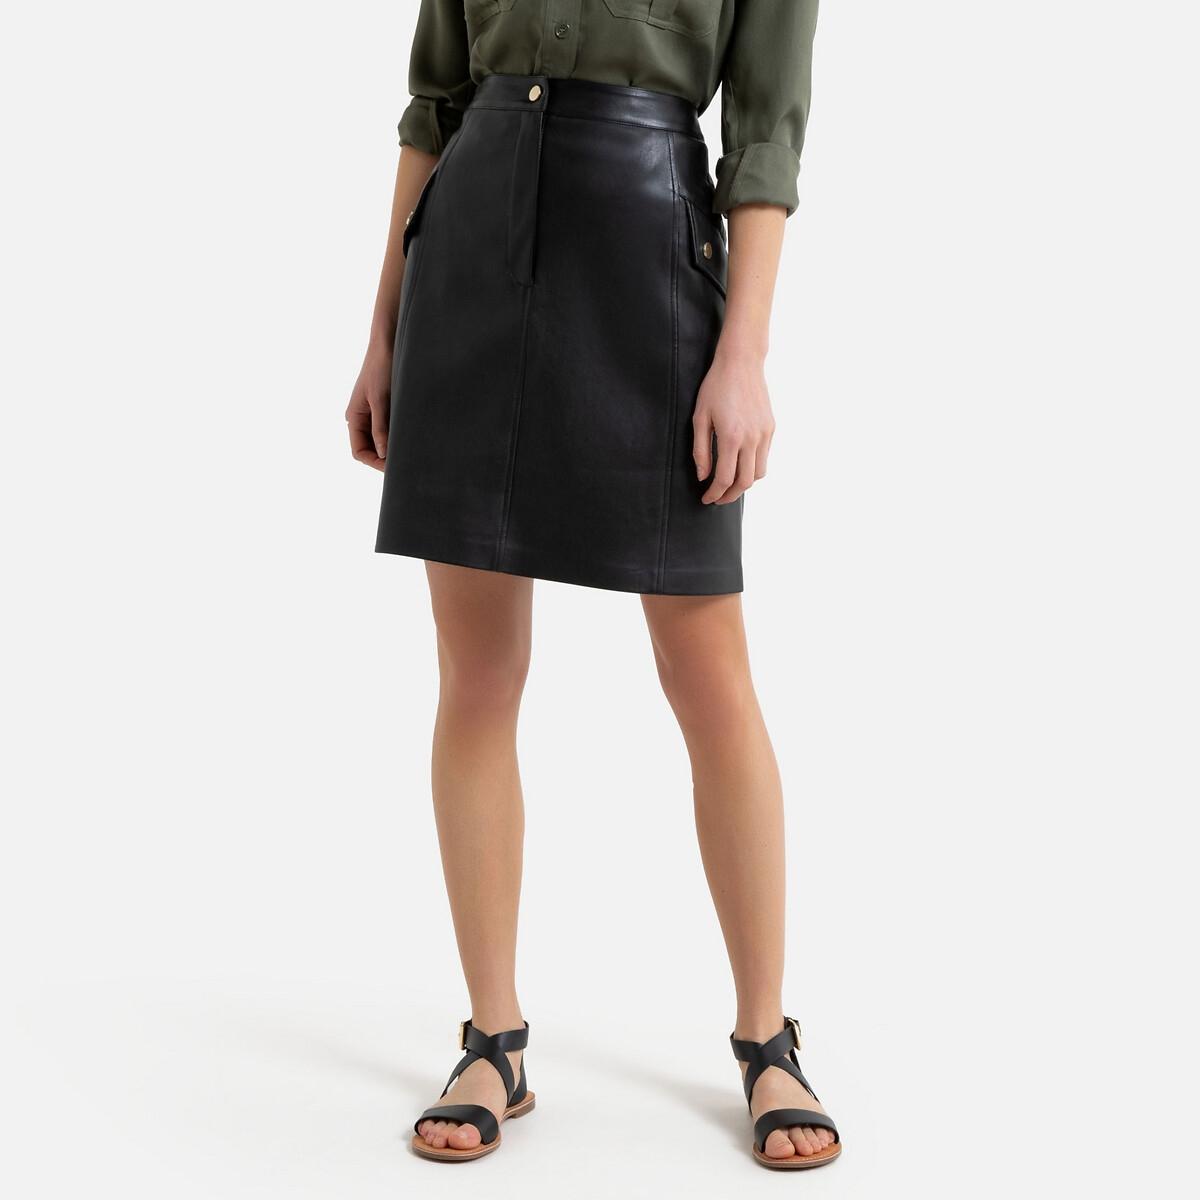 Falda recta de piel sintética